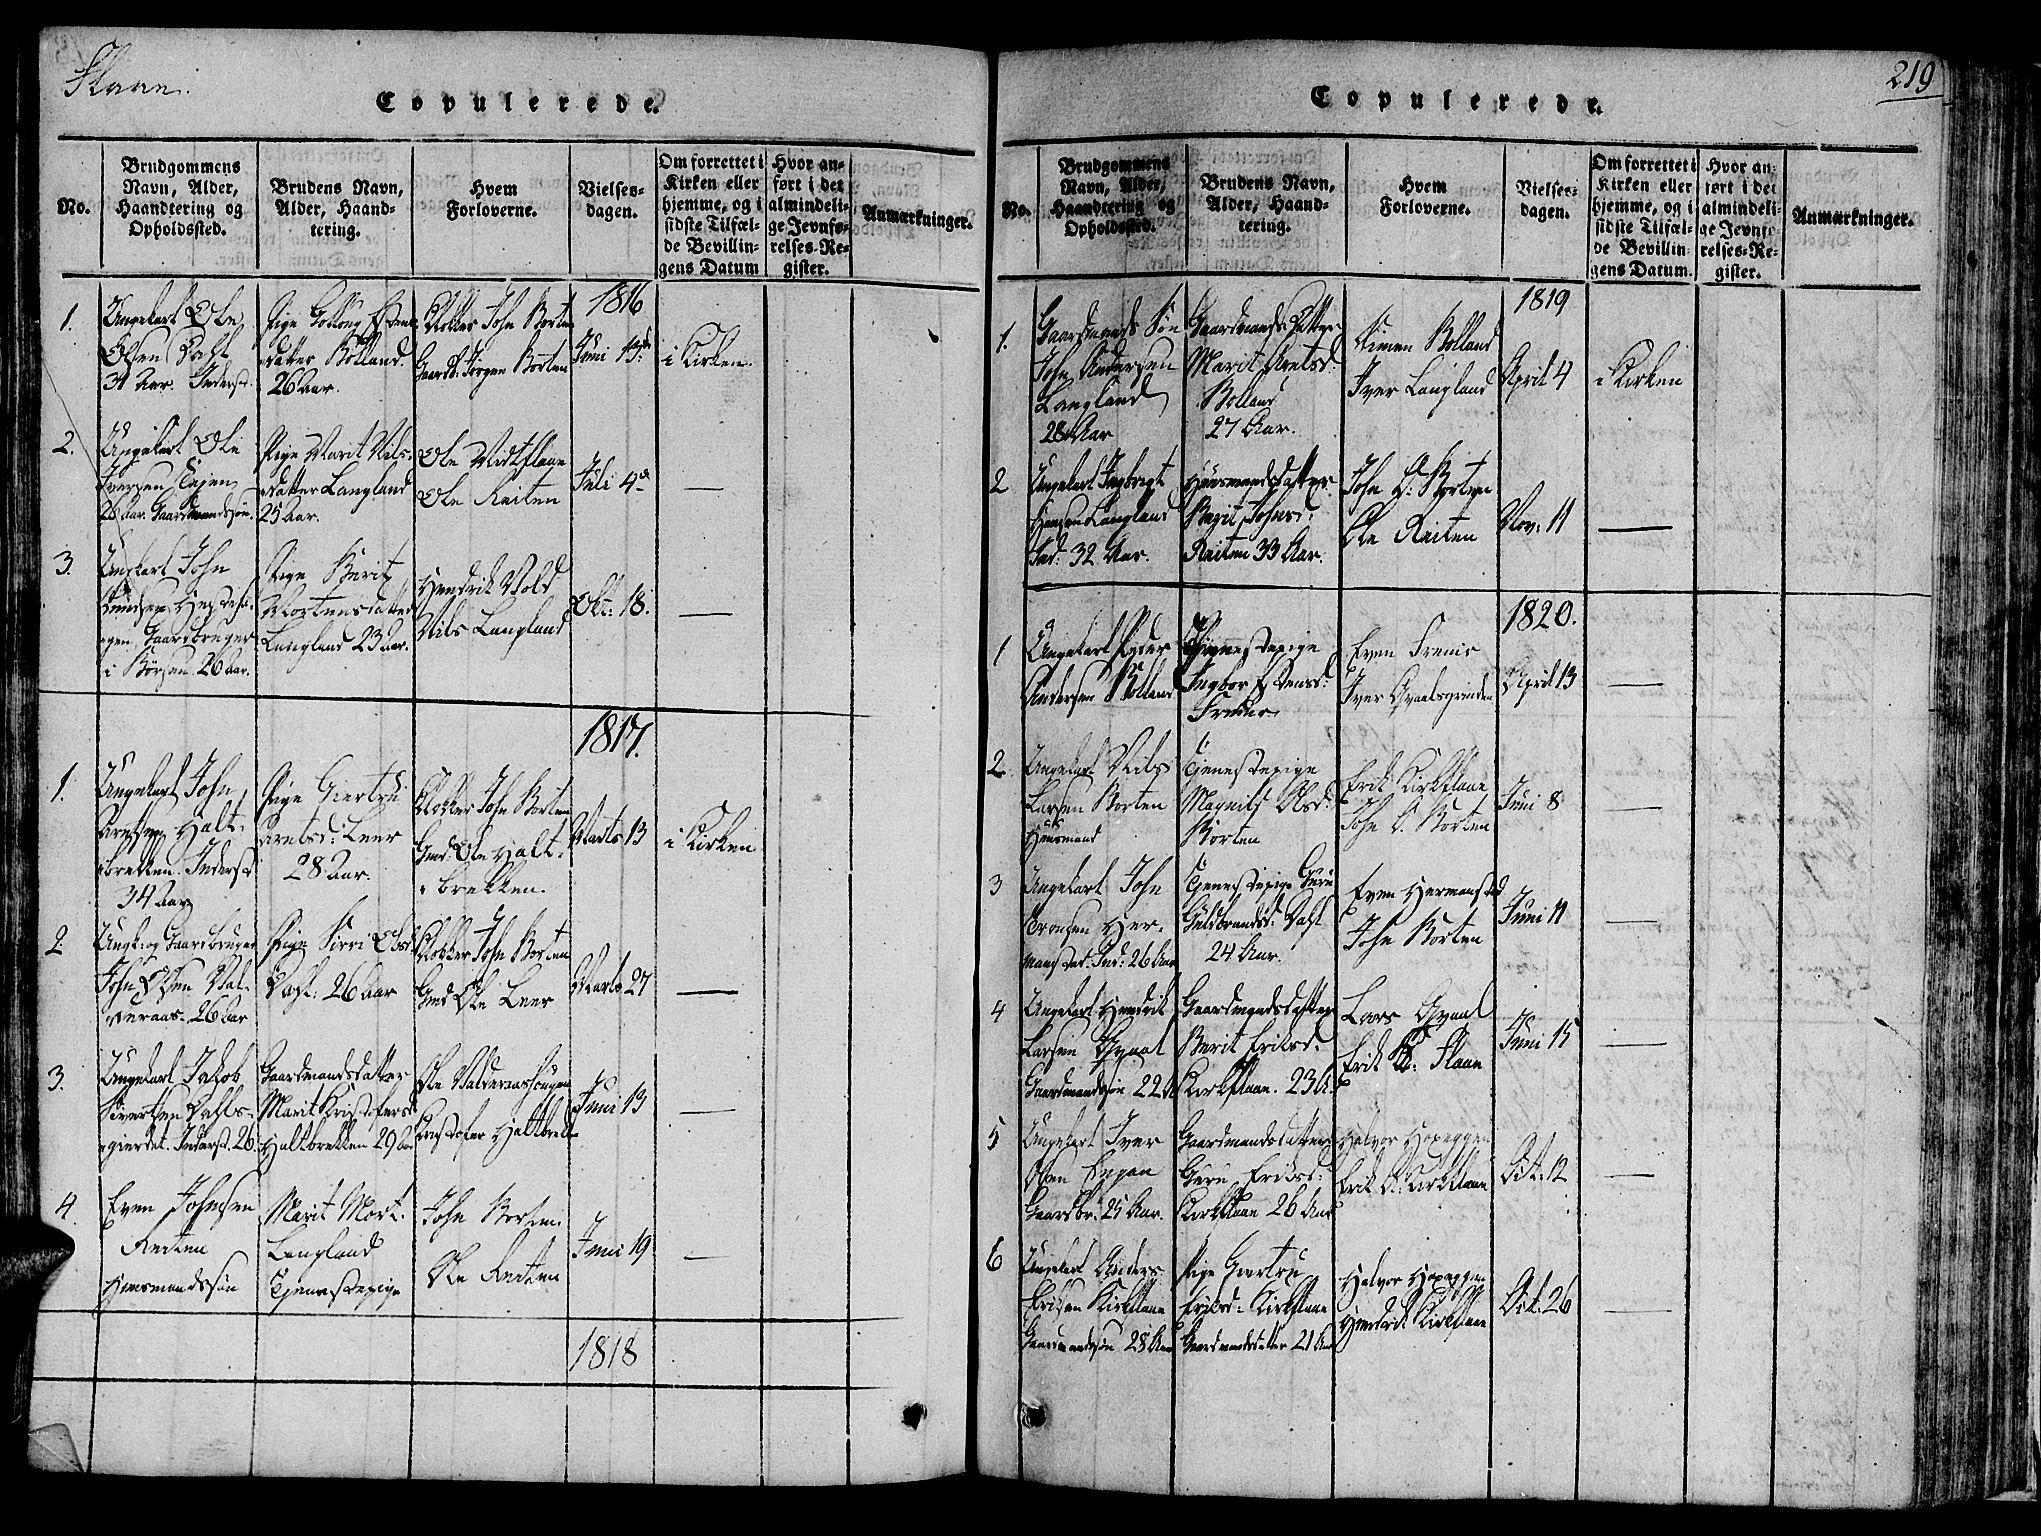 SAT, Ministerialprotokoller, klokkerbøker og fødselsregistre - Sør-Trøndelag, 691/L1066: Ministerialbok nr. 691A03 /2, 1816-1826, s. 219